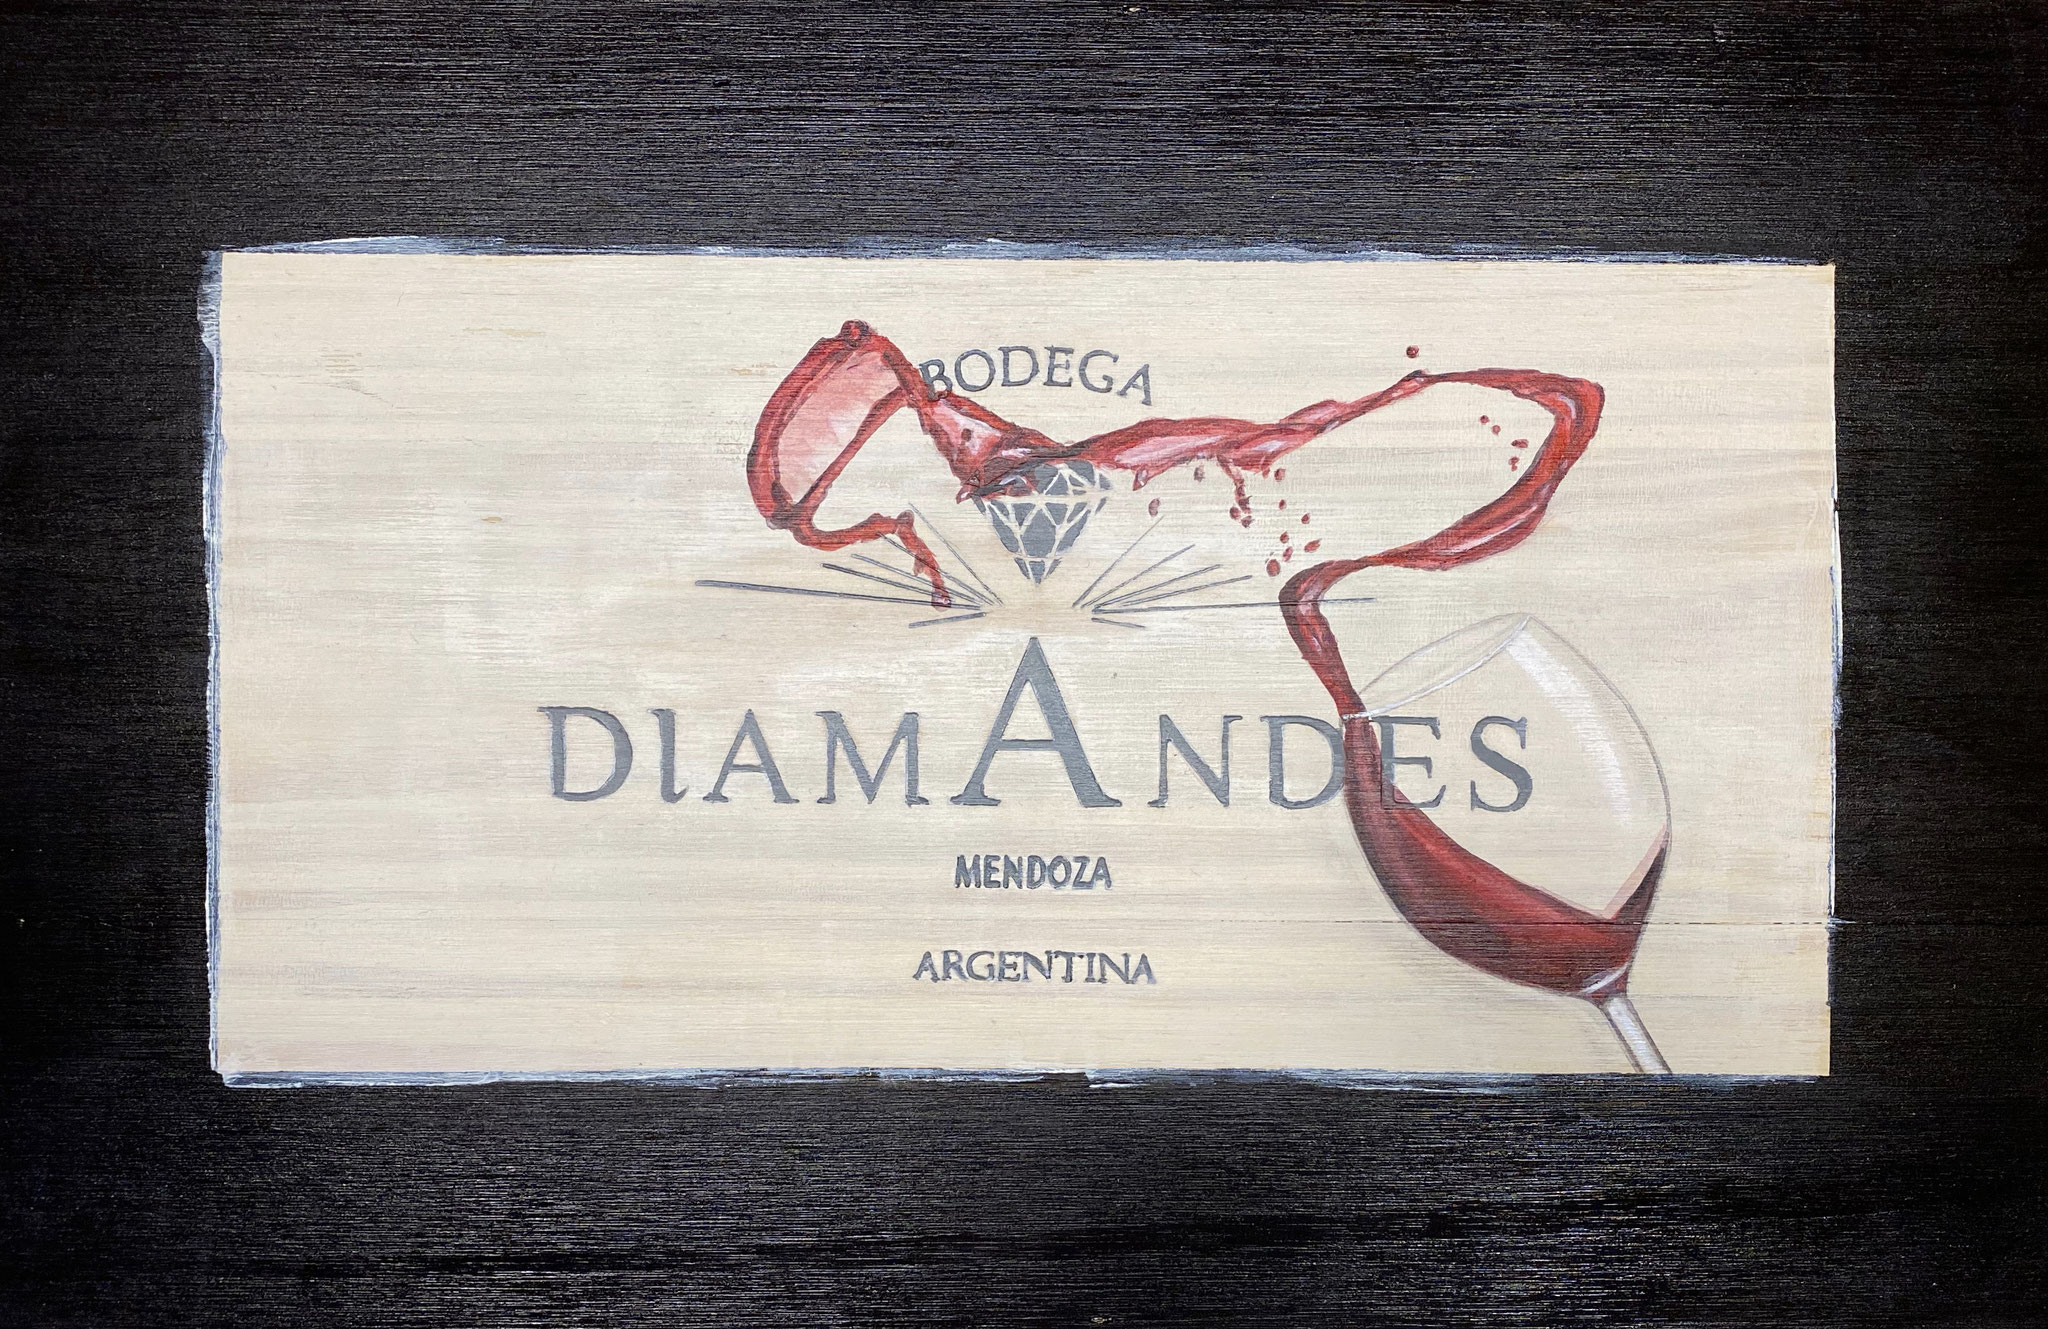 Diamandes Mendoza Argentina 1